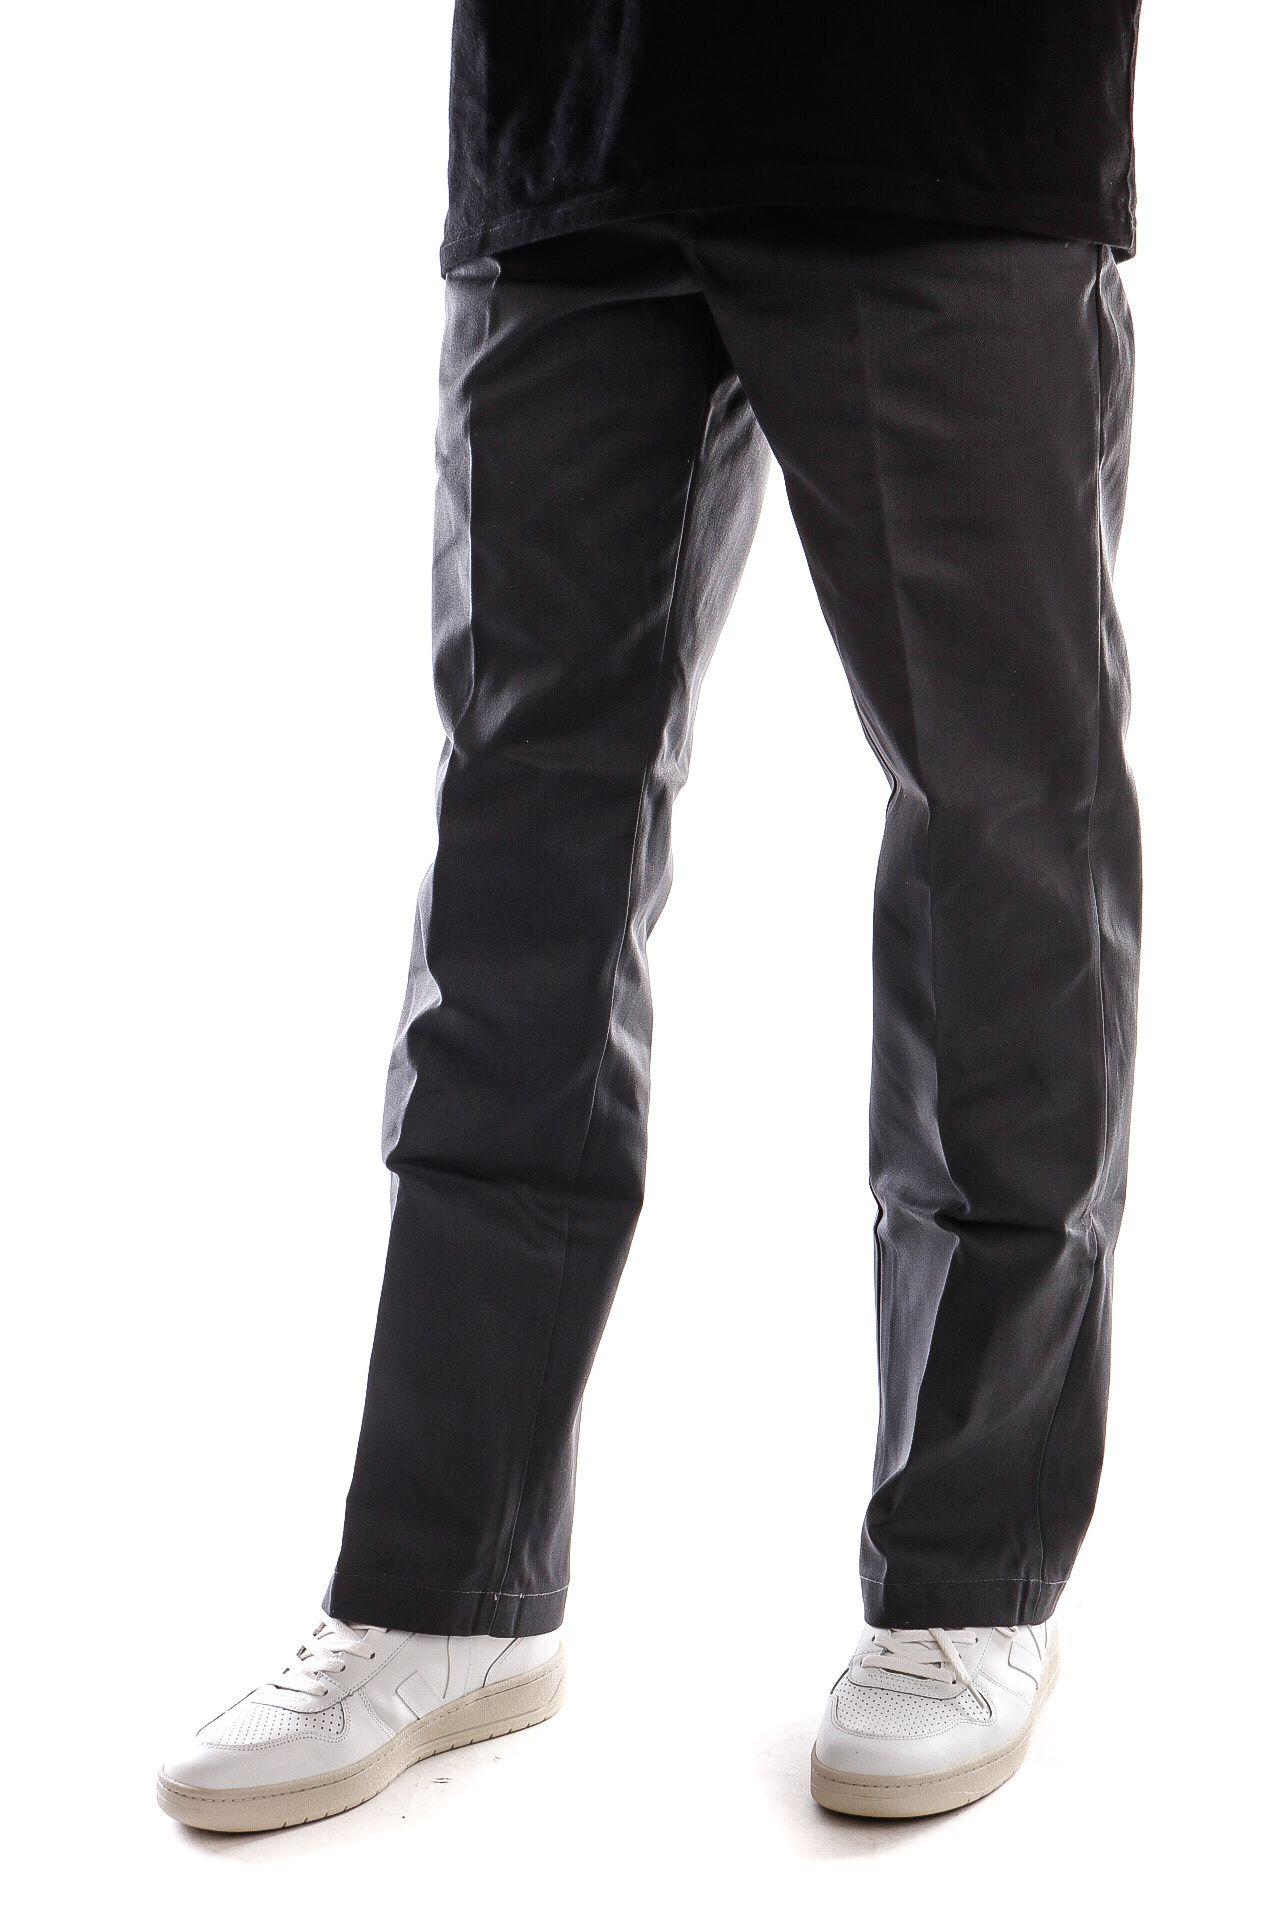 Afbeelding van Dickies Broek ORGNL 874 Work Pant Charcoal Grey DK000874CH01